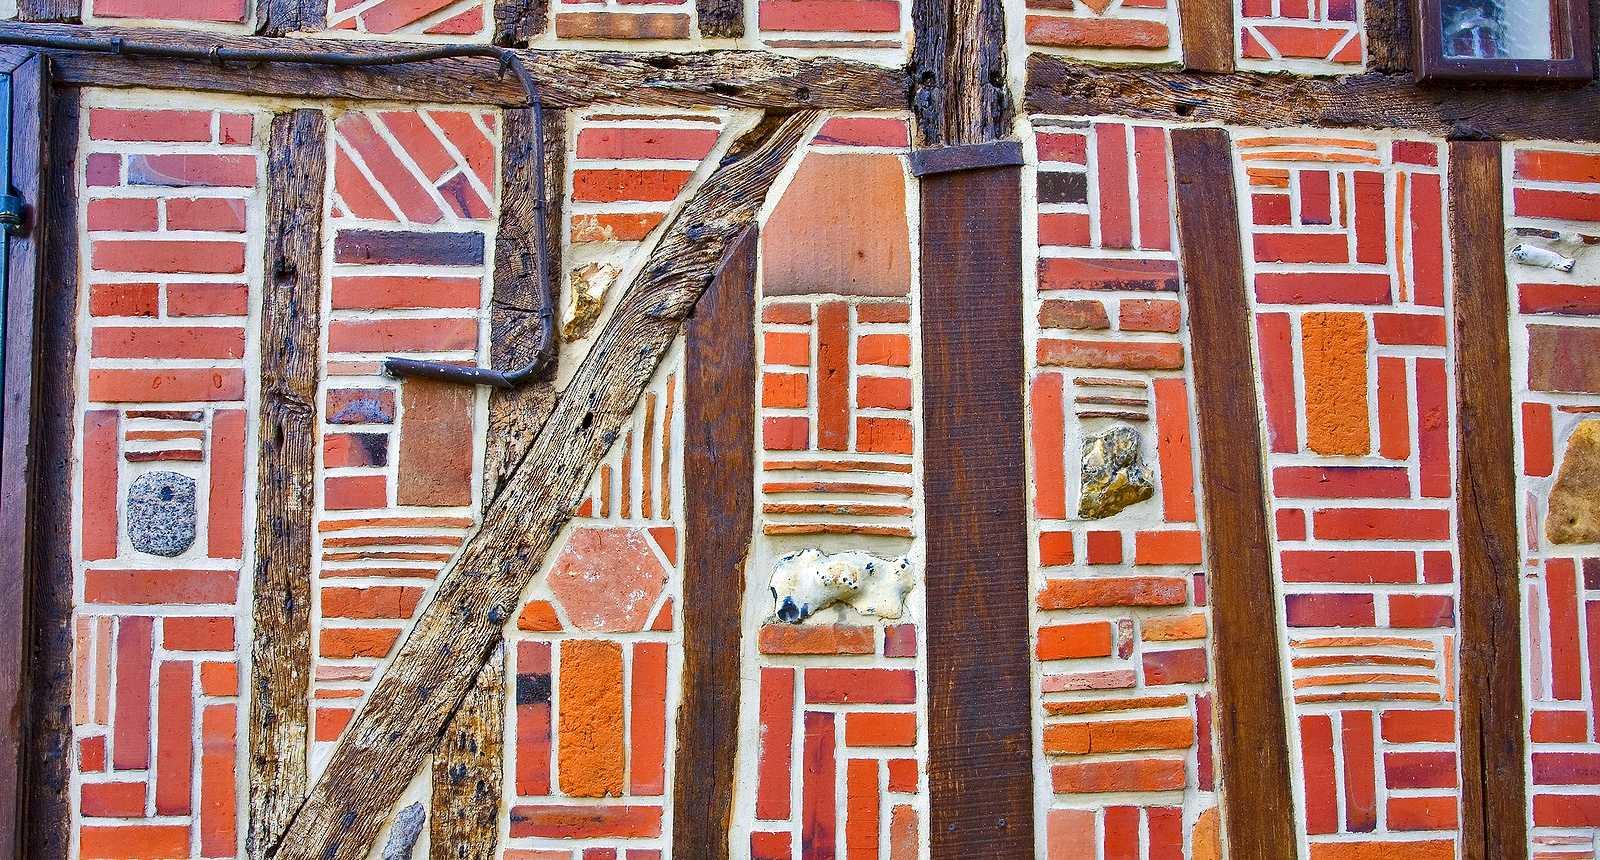 Façade d'une maison médiévale de la vieille ville de Beauvais